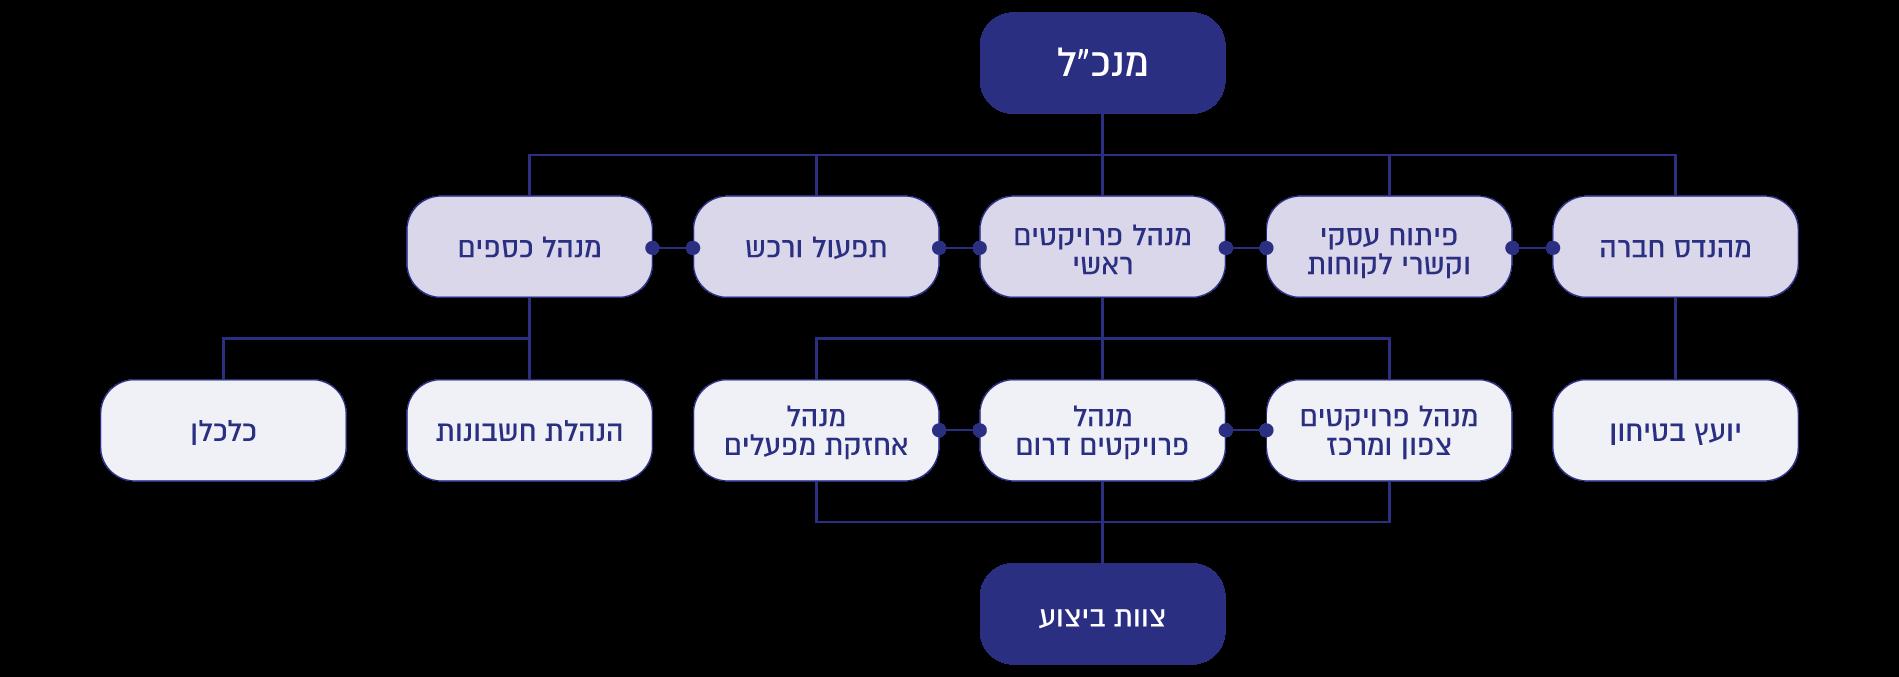 מבנה ארגנוי